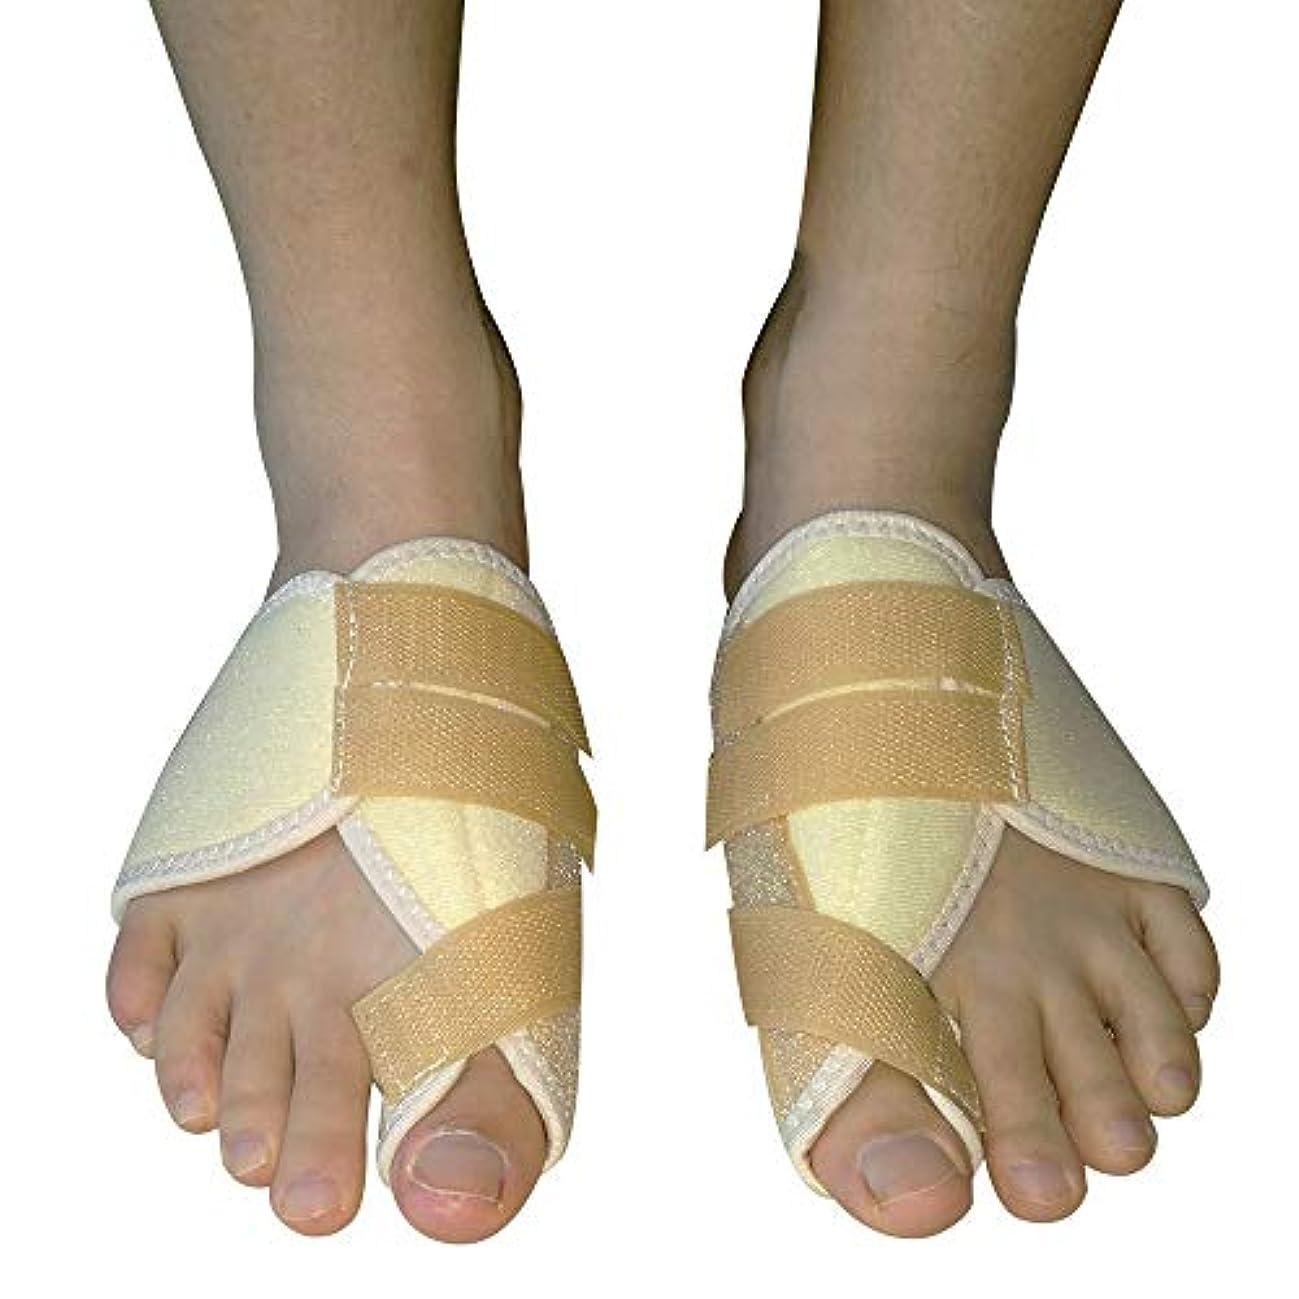 韓国否認する頼るバニオンコレクターおよびバニオンリリーフ整形外科用ビッグトゥストレートナーは、外反母趾を治療し、予防する(ワンサイズ)